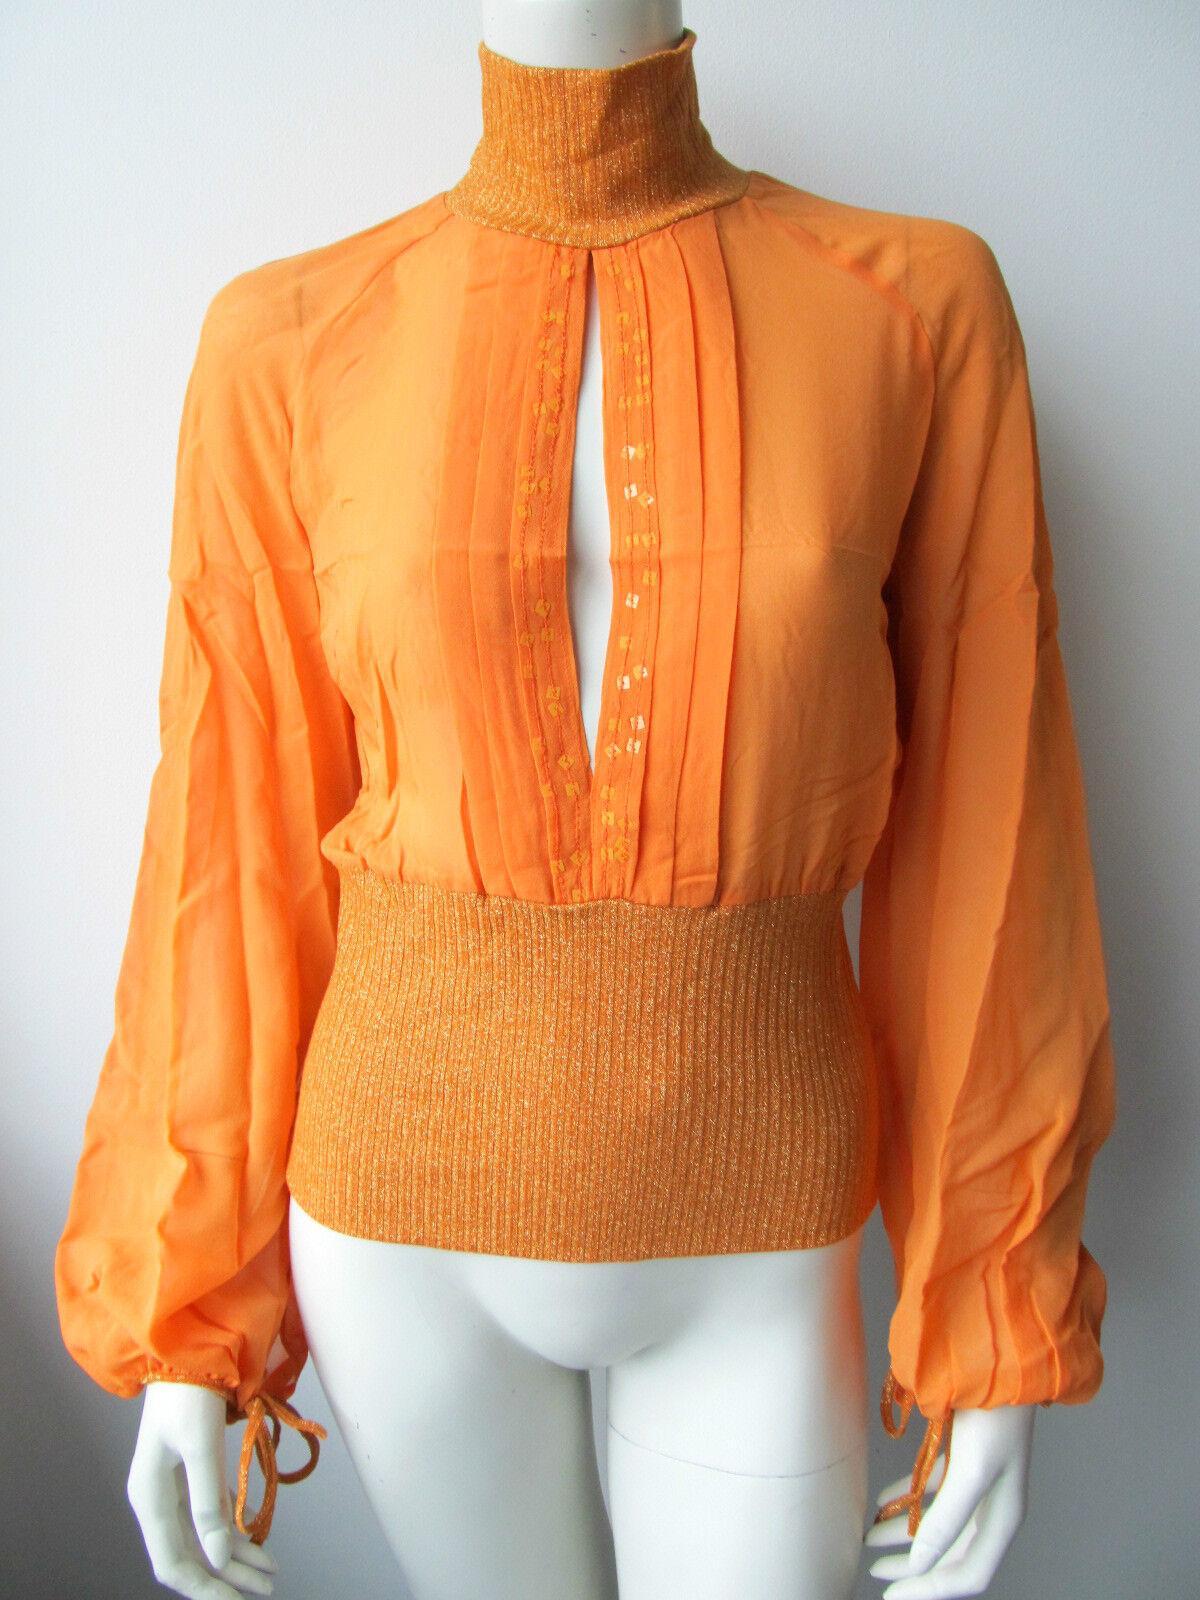 Anna Rita N Damen Blause Camicia Top Shirt Neu 34 38  XS S M